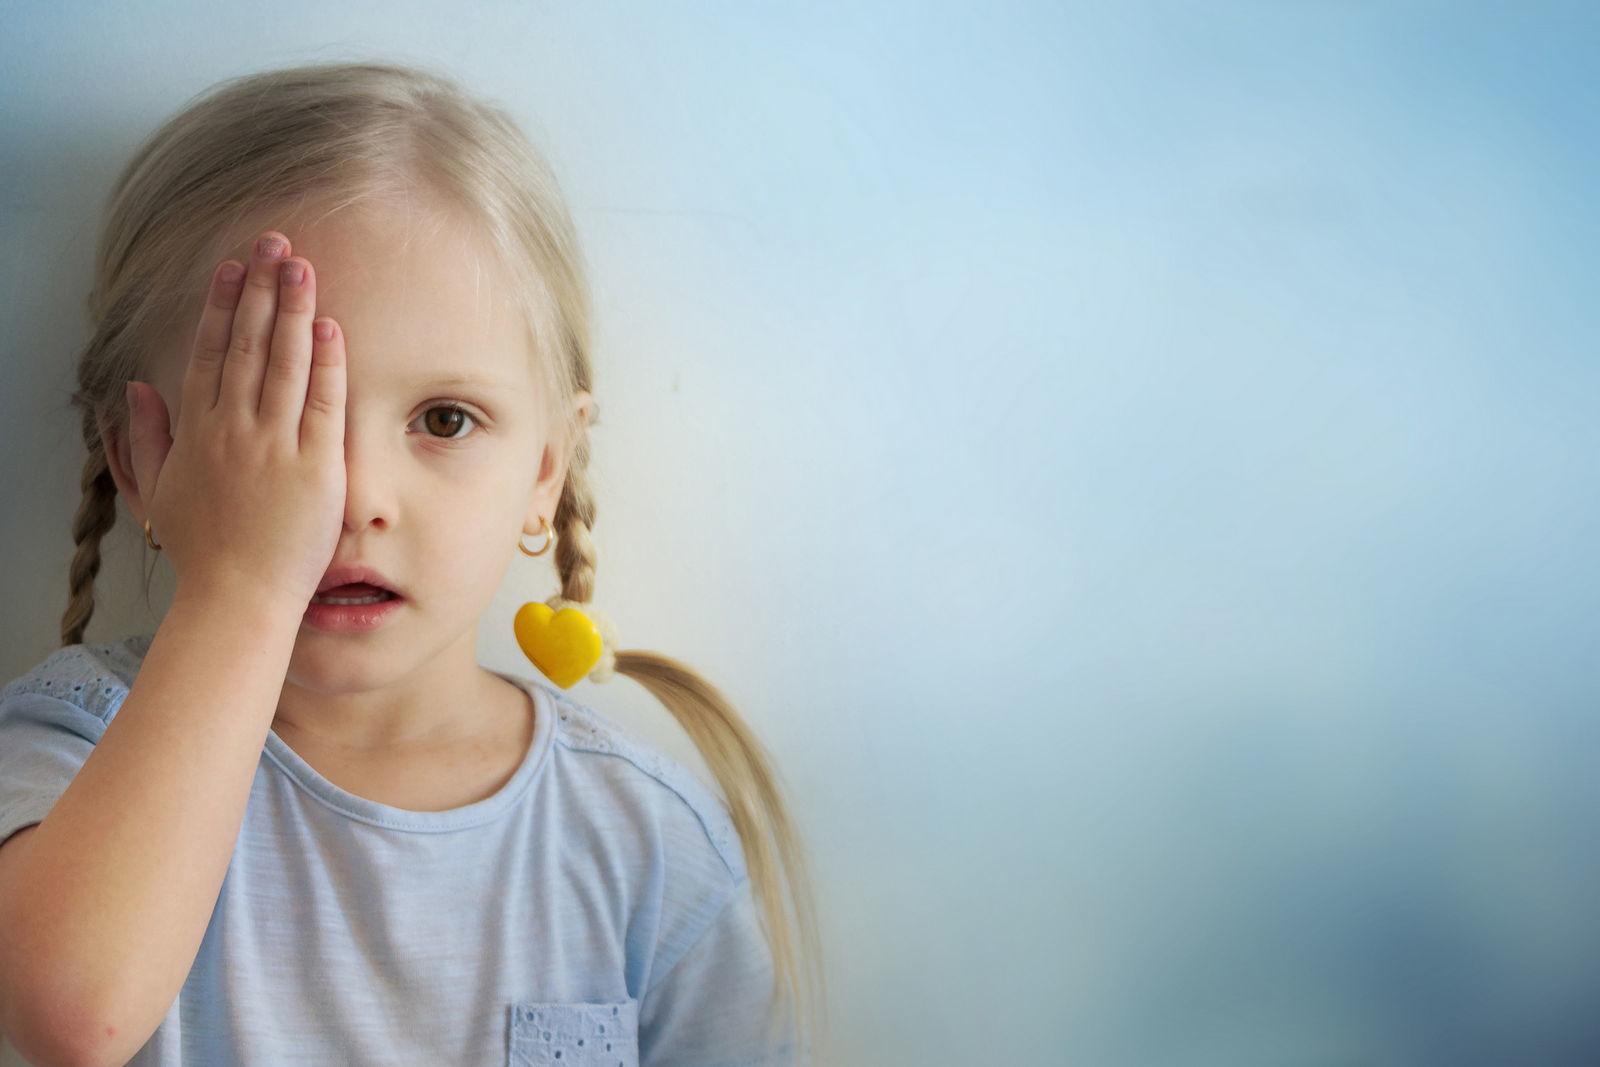 девочка стоит возле стены и прикрывает рукой один глаз